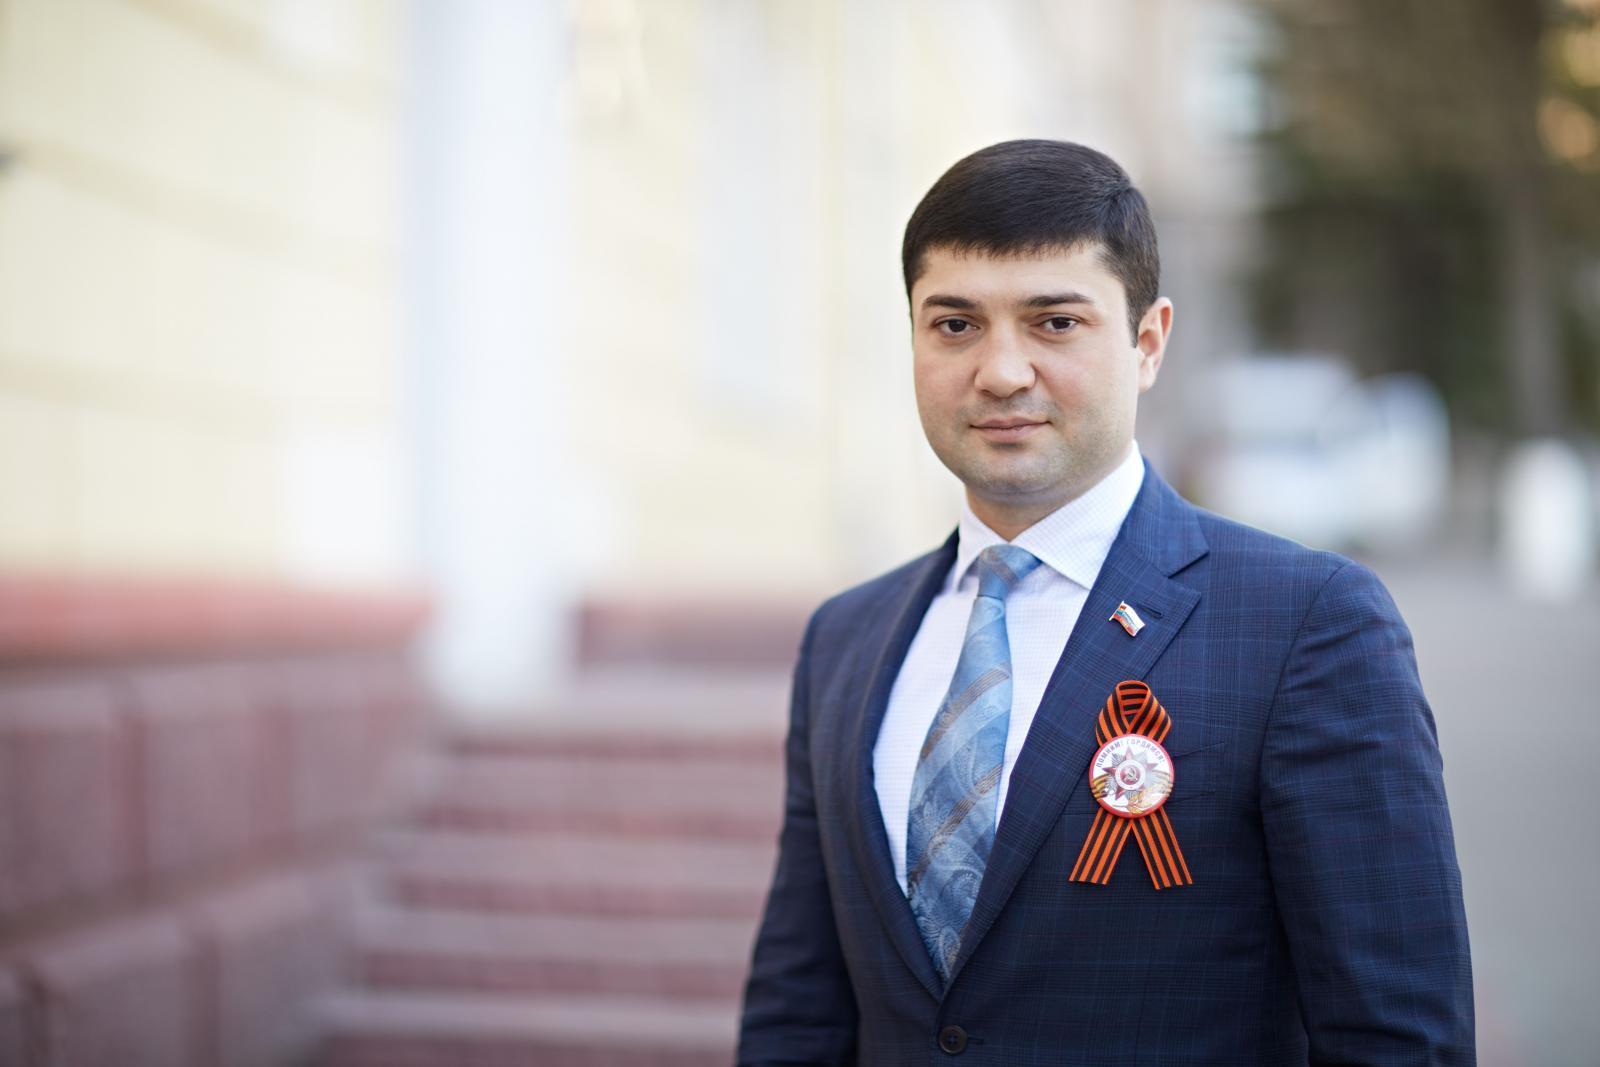 Мухтар Бадырханов прокомментировал инцидент в ресторане и исключение из партии